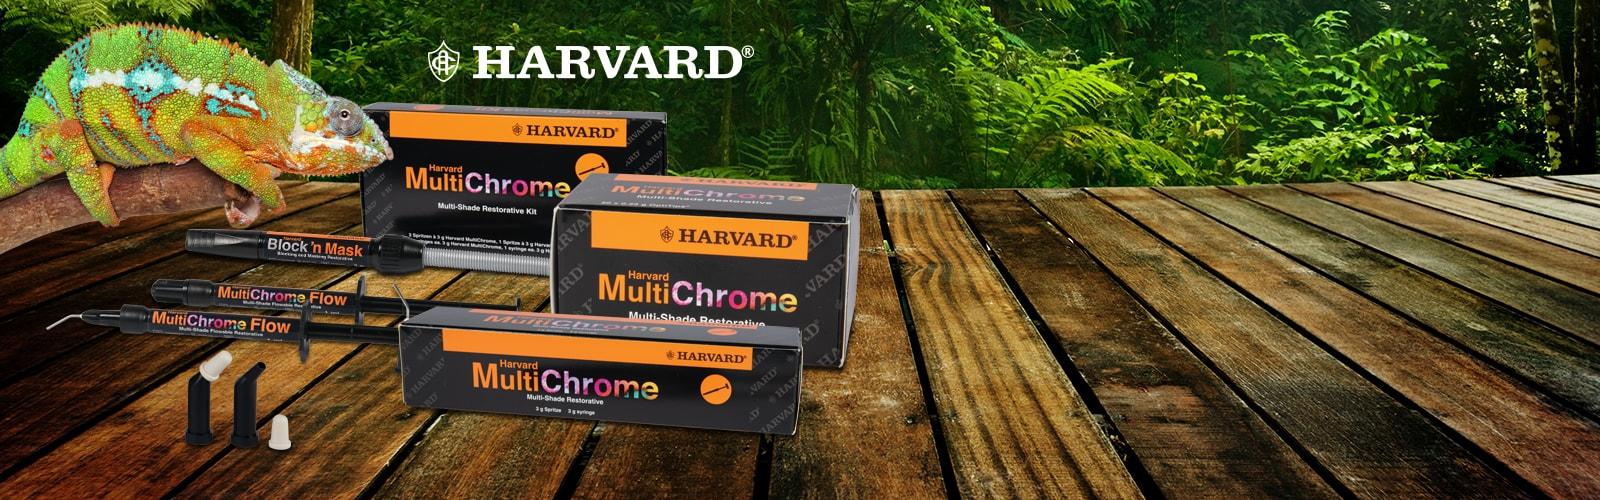 Harvard MultiChrome